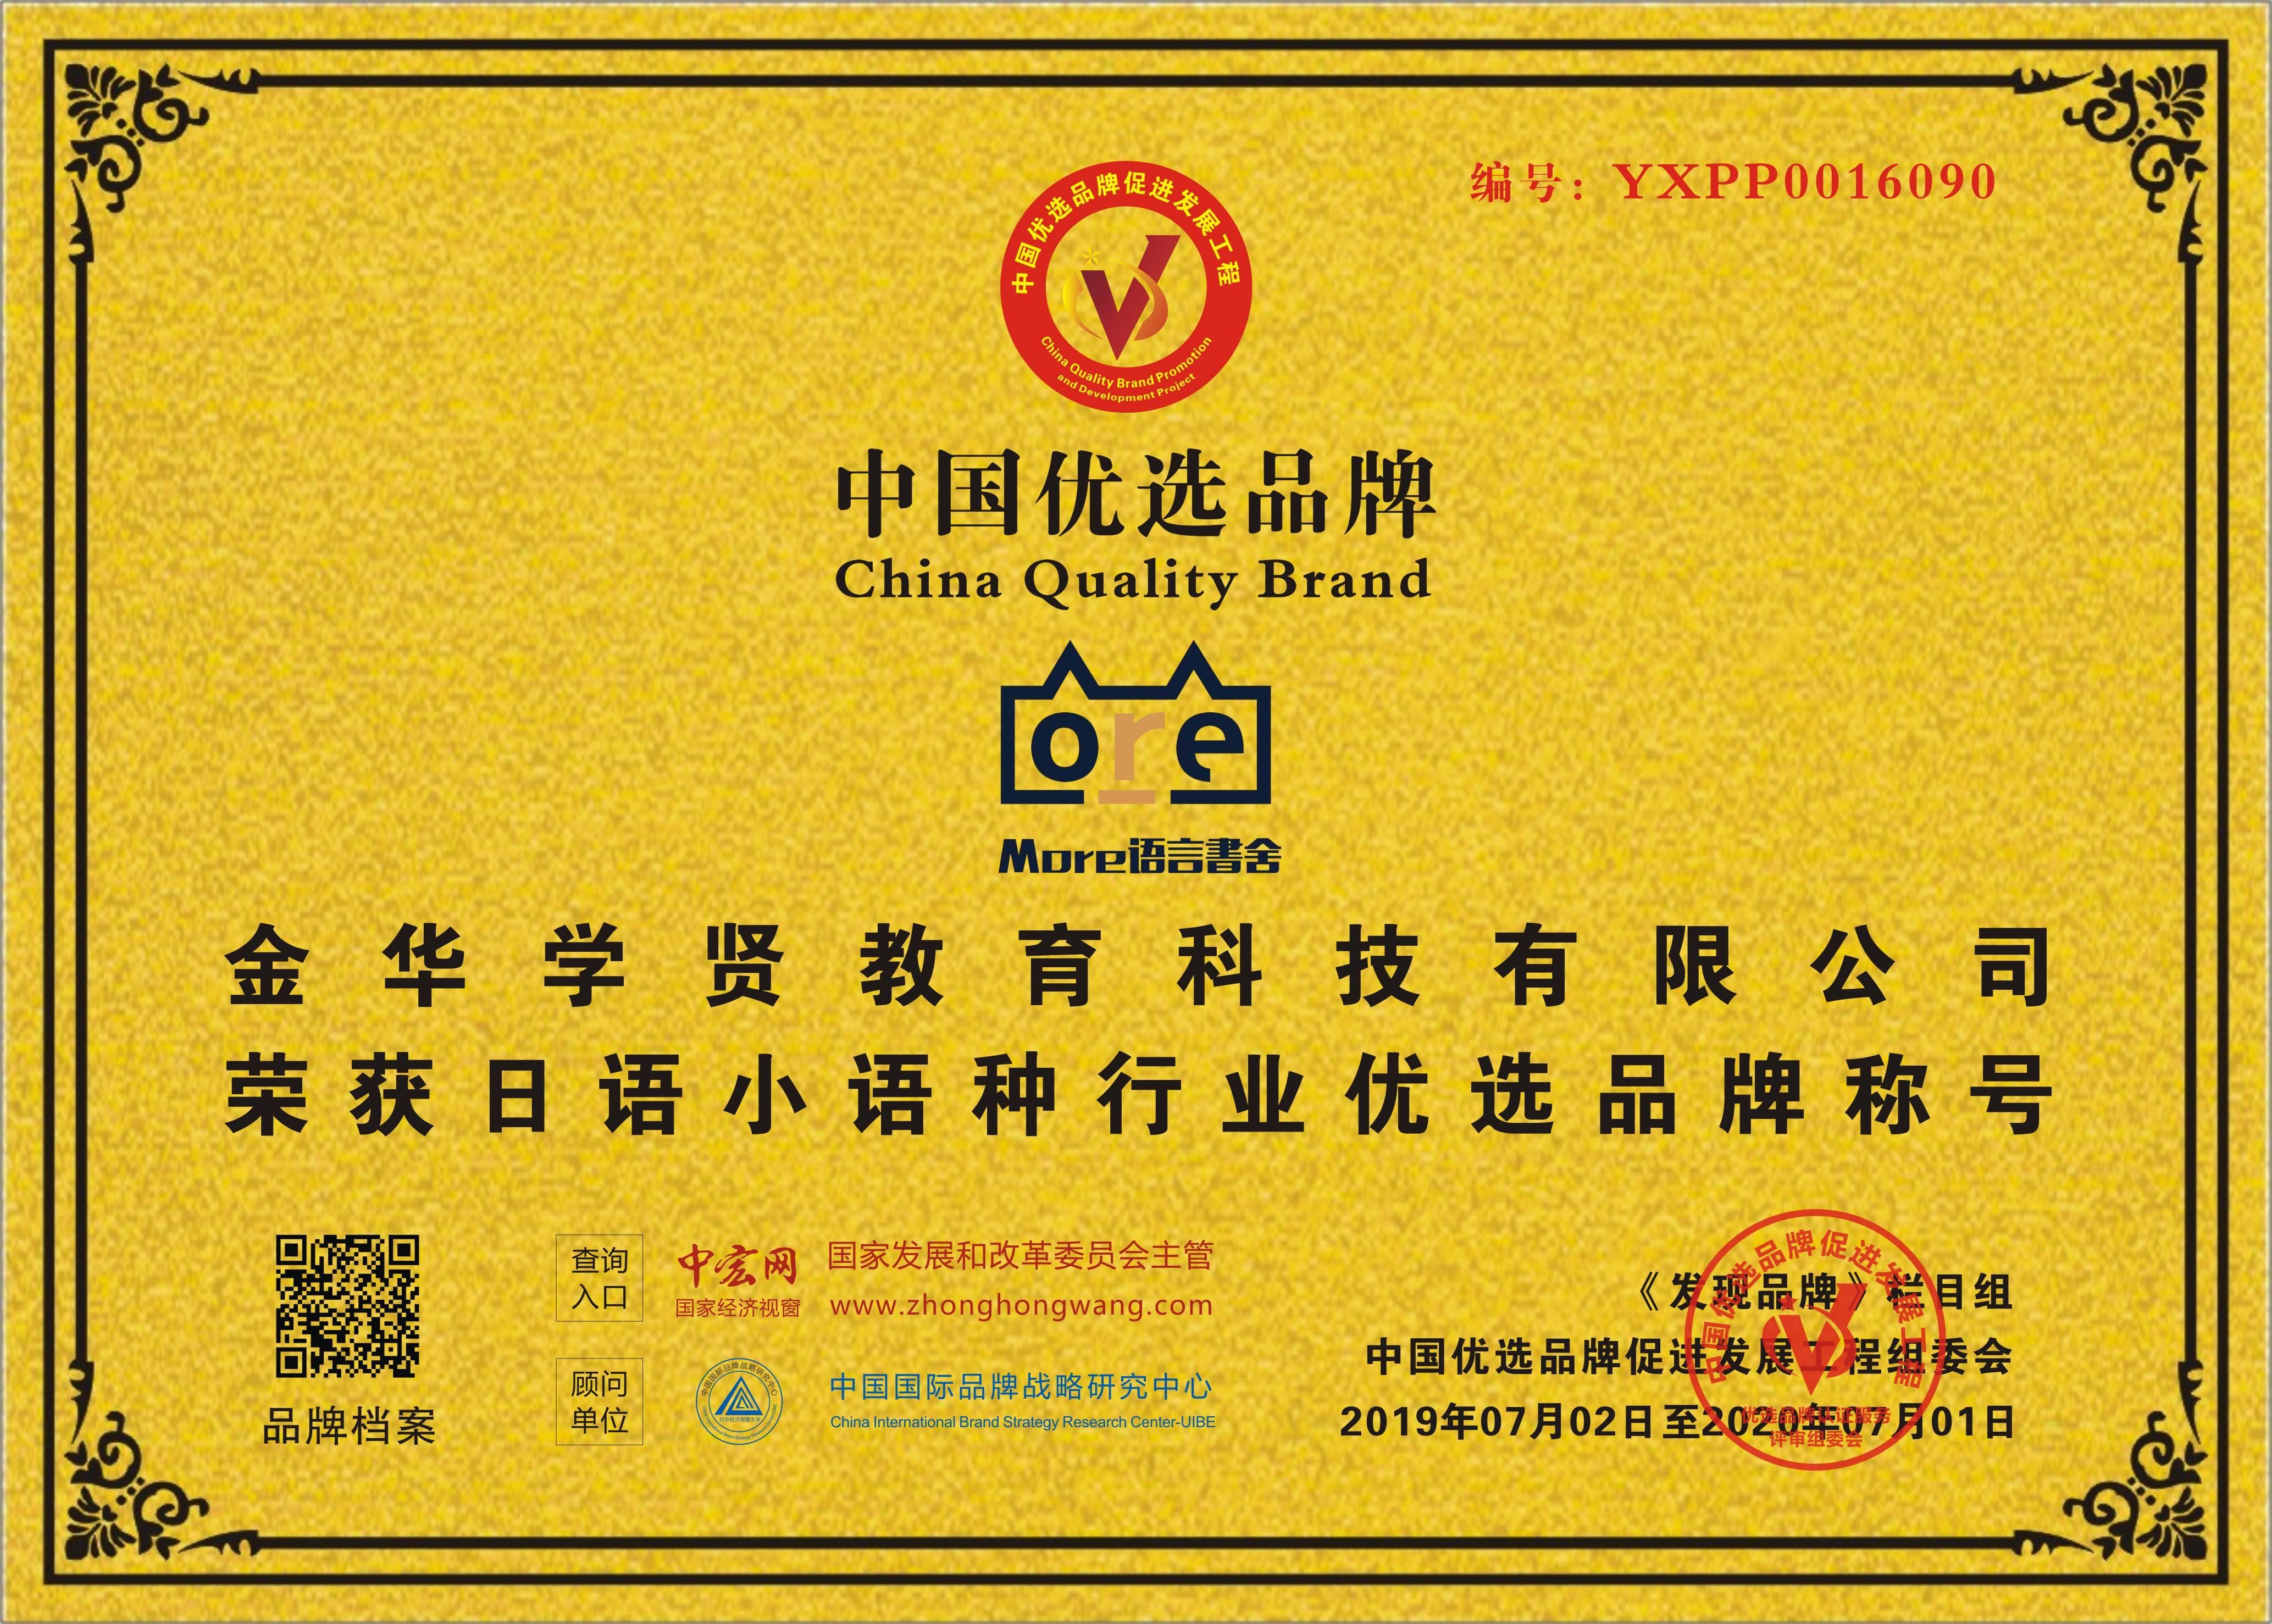 MORE语言書舍荣获中国优选品牌